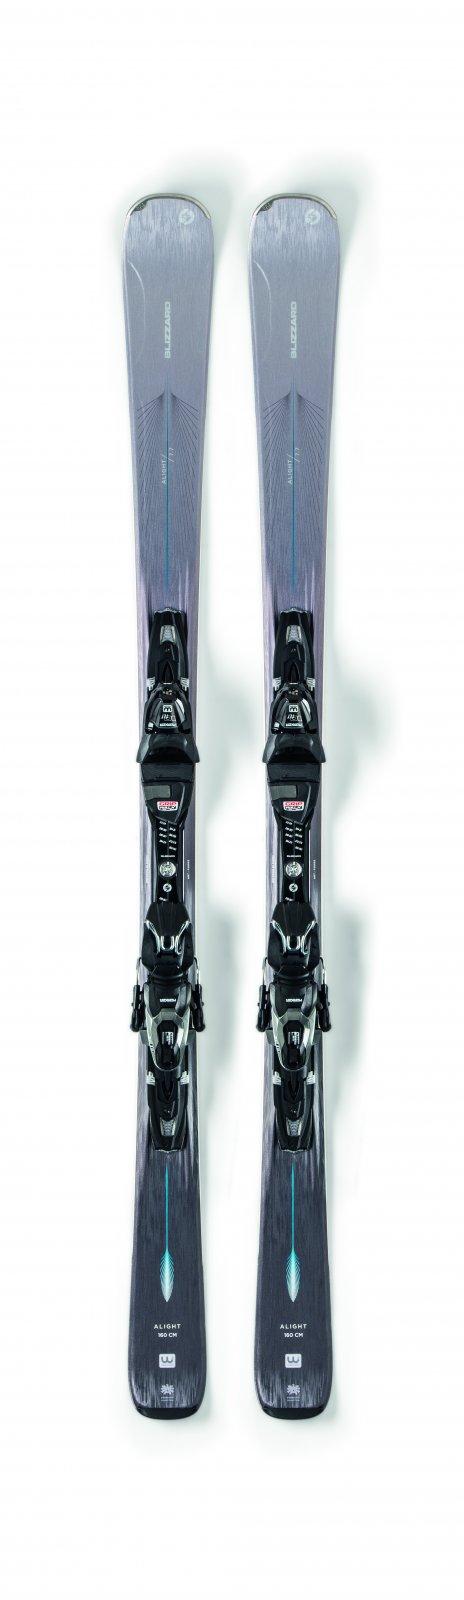 2020 Blizzard Alight 7.7 + Marker 10TLT Women's Skis